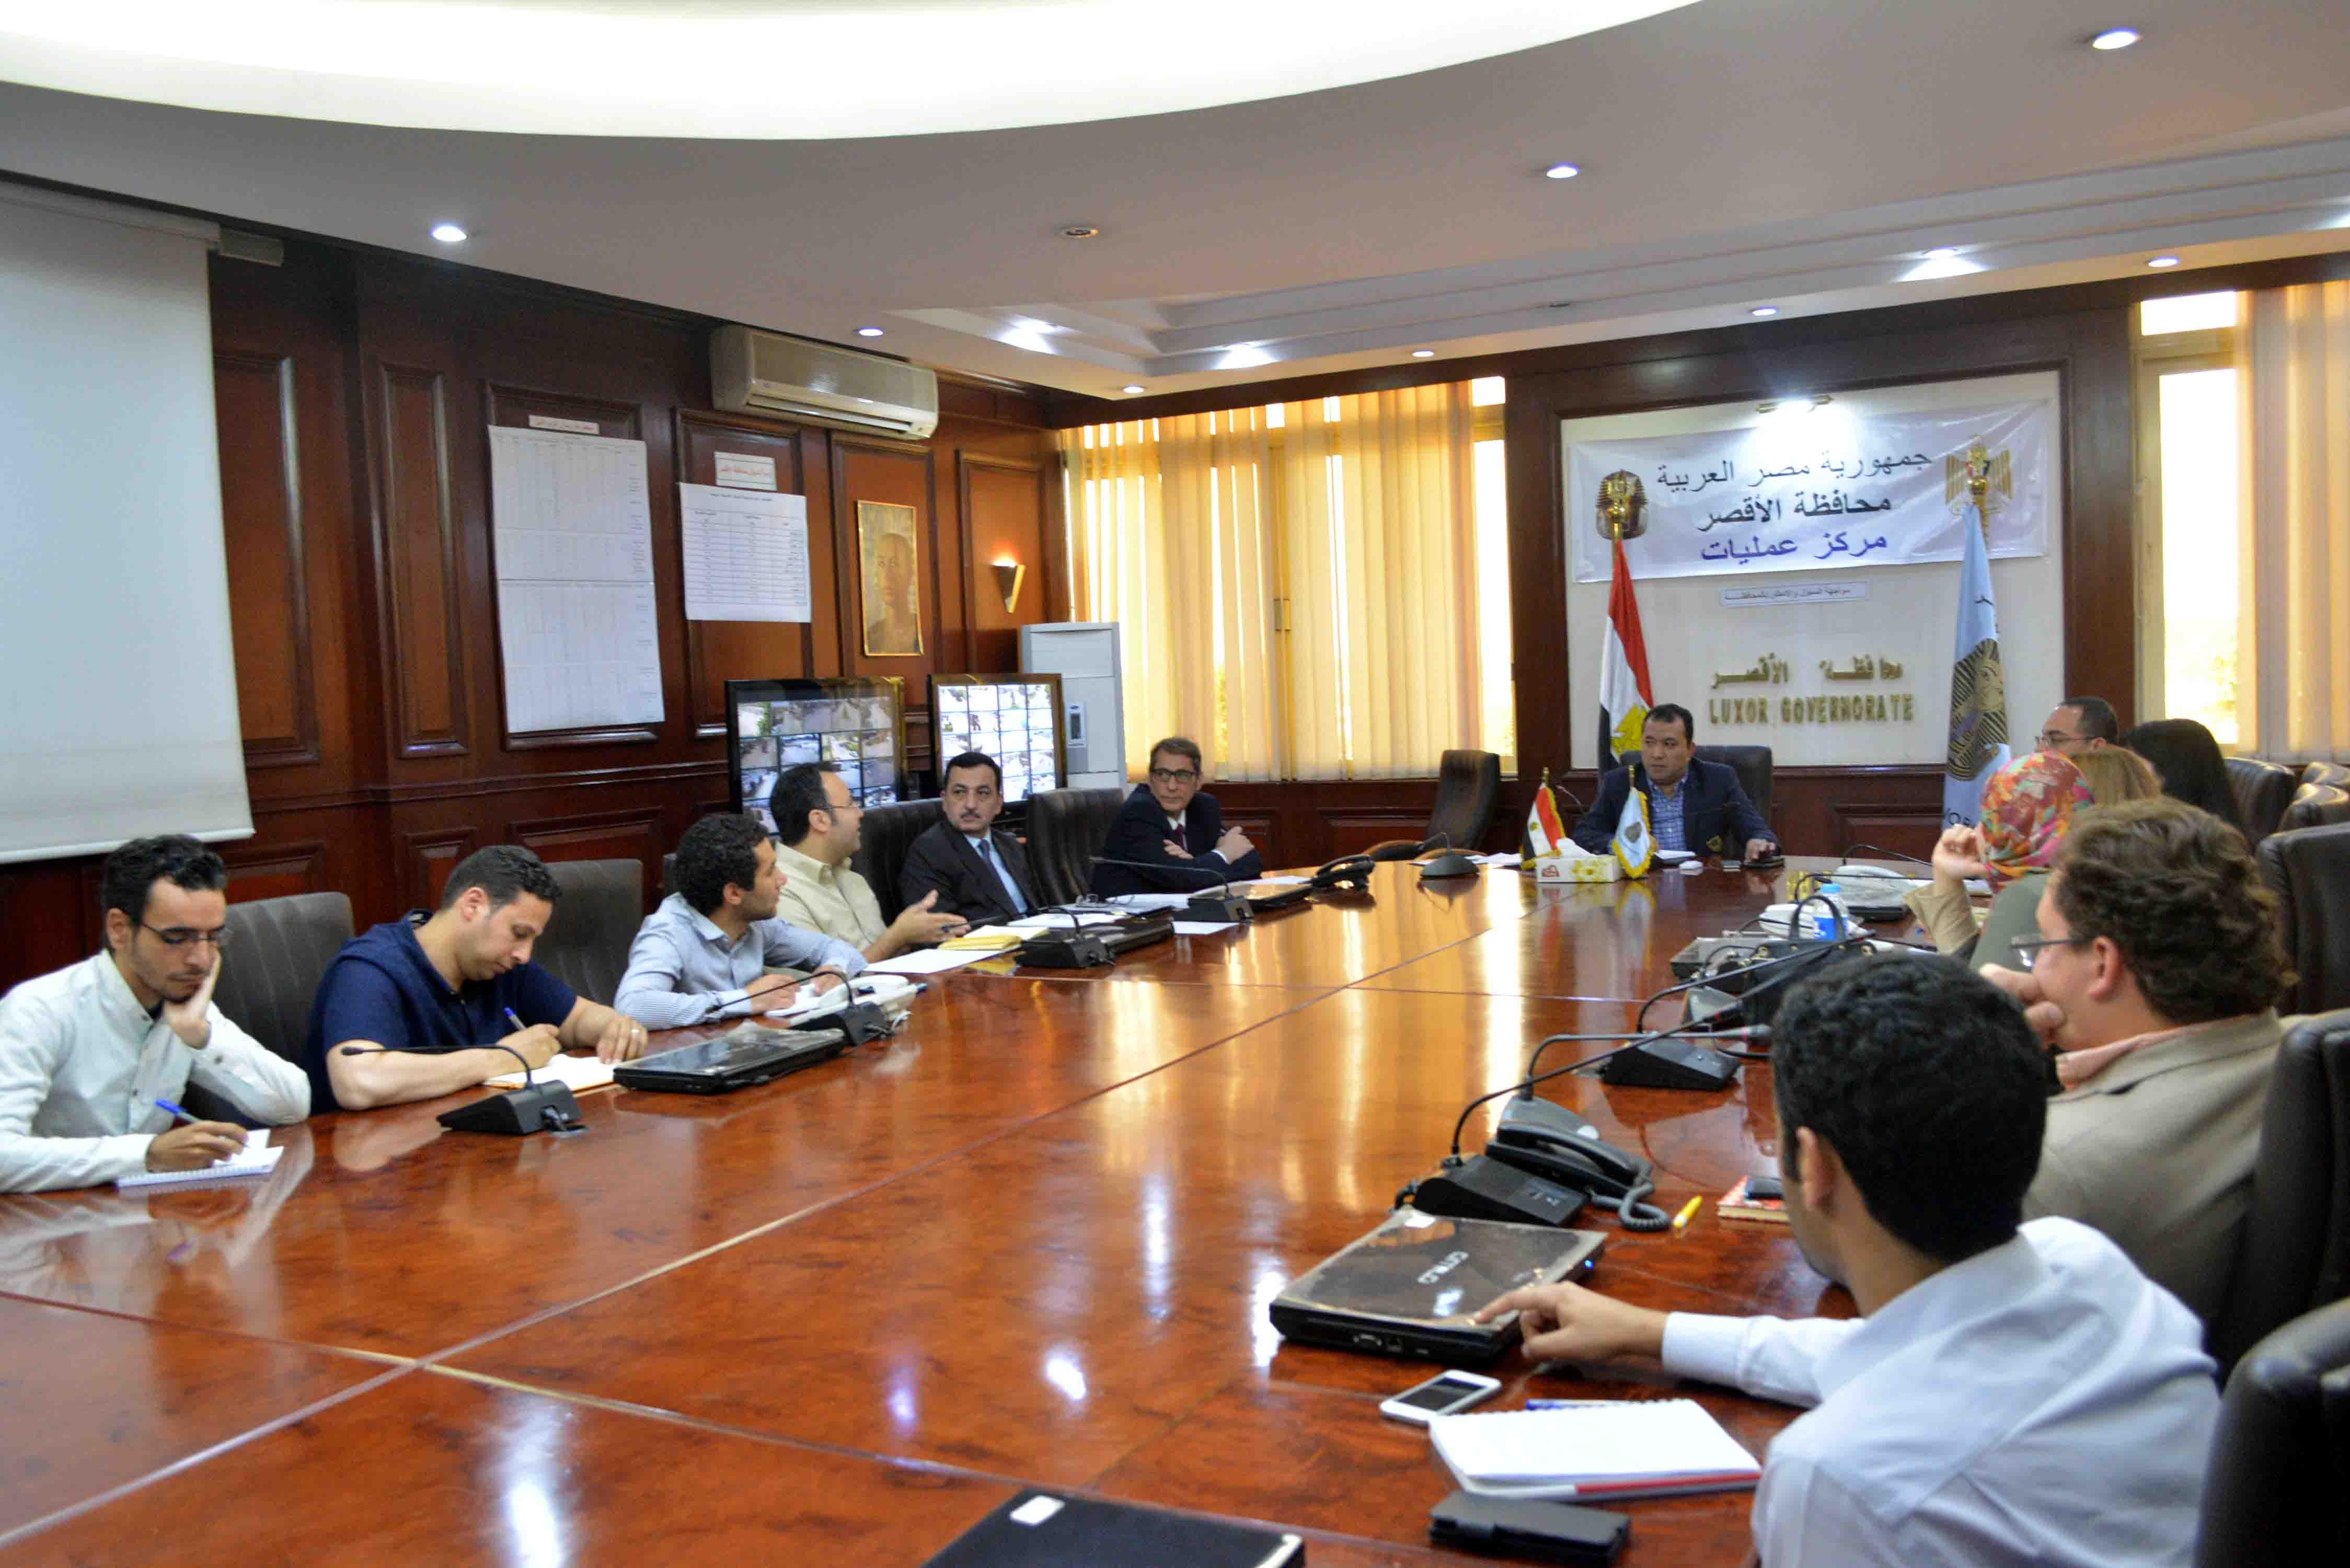 2- المحافظ يلتقي بوفد منظمة اليونيدو خلال التعريف بمشروع امكان بالاقصر